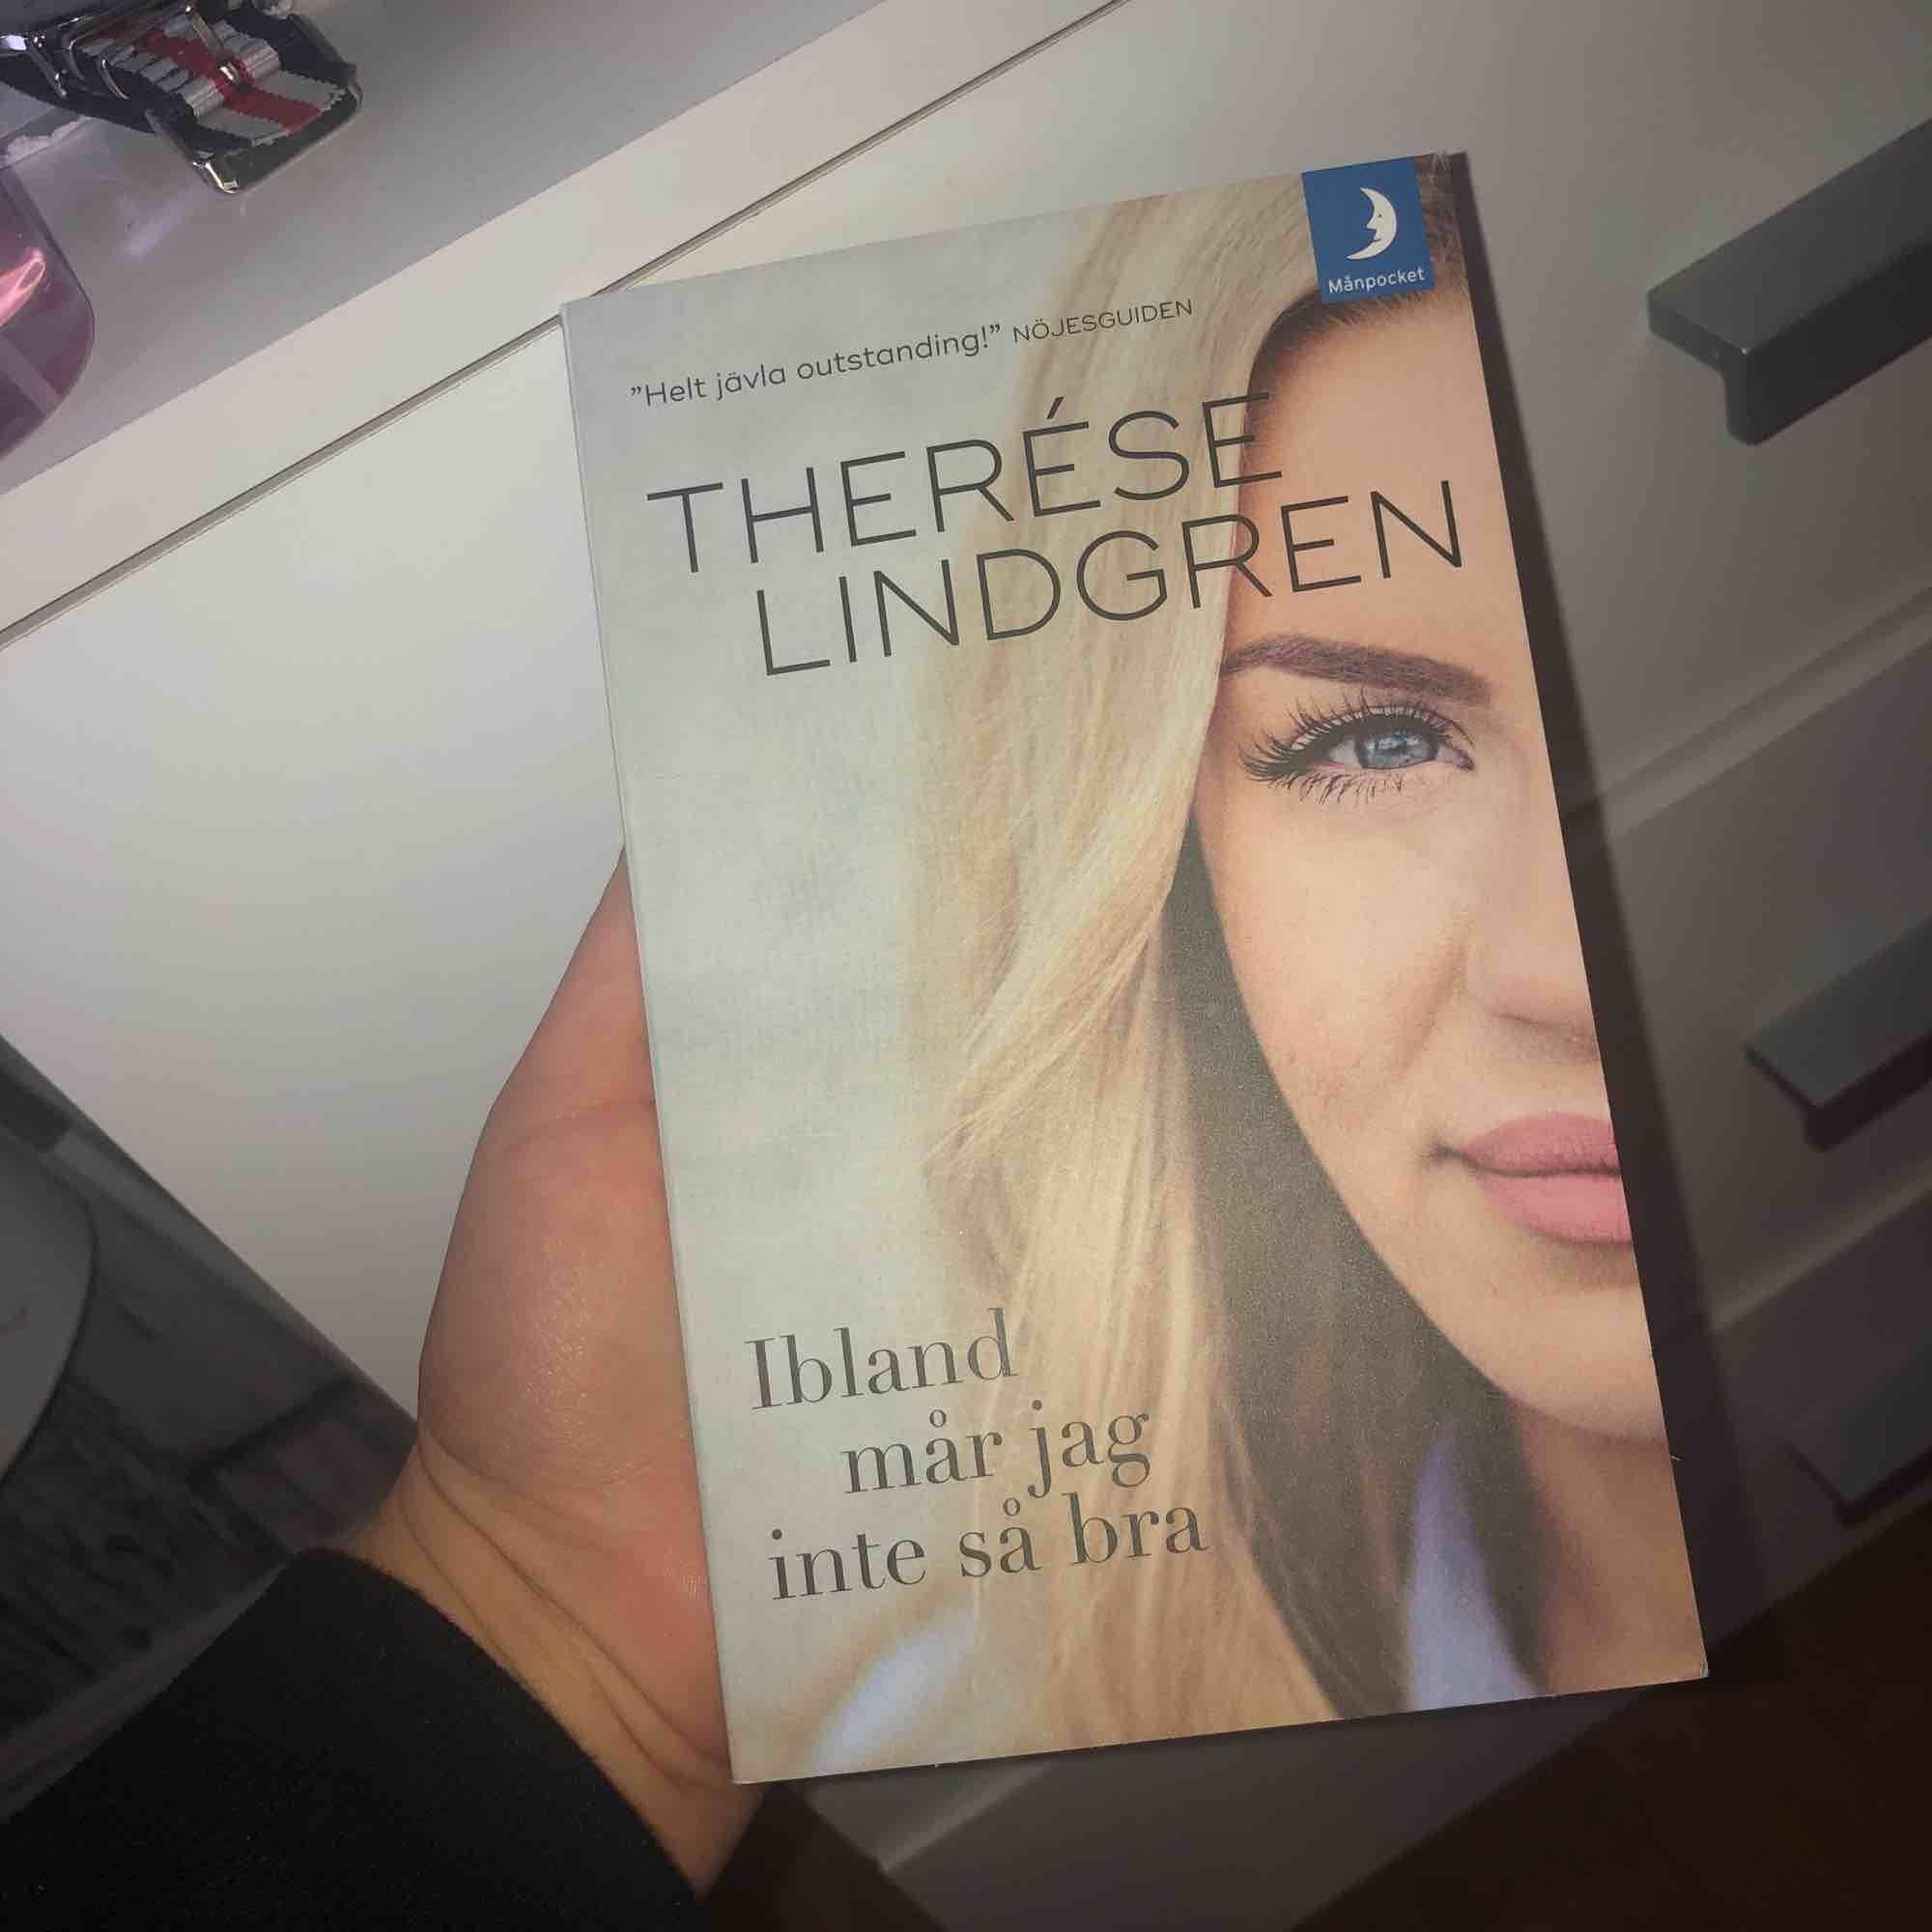 """Therese Lindgrens bok skriver av henne själv! """"Ibland mår jag inte så bra"""" swipe för beskrivning på boken! 😍. Övrigt."""